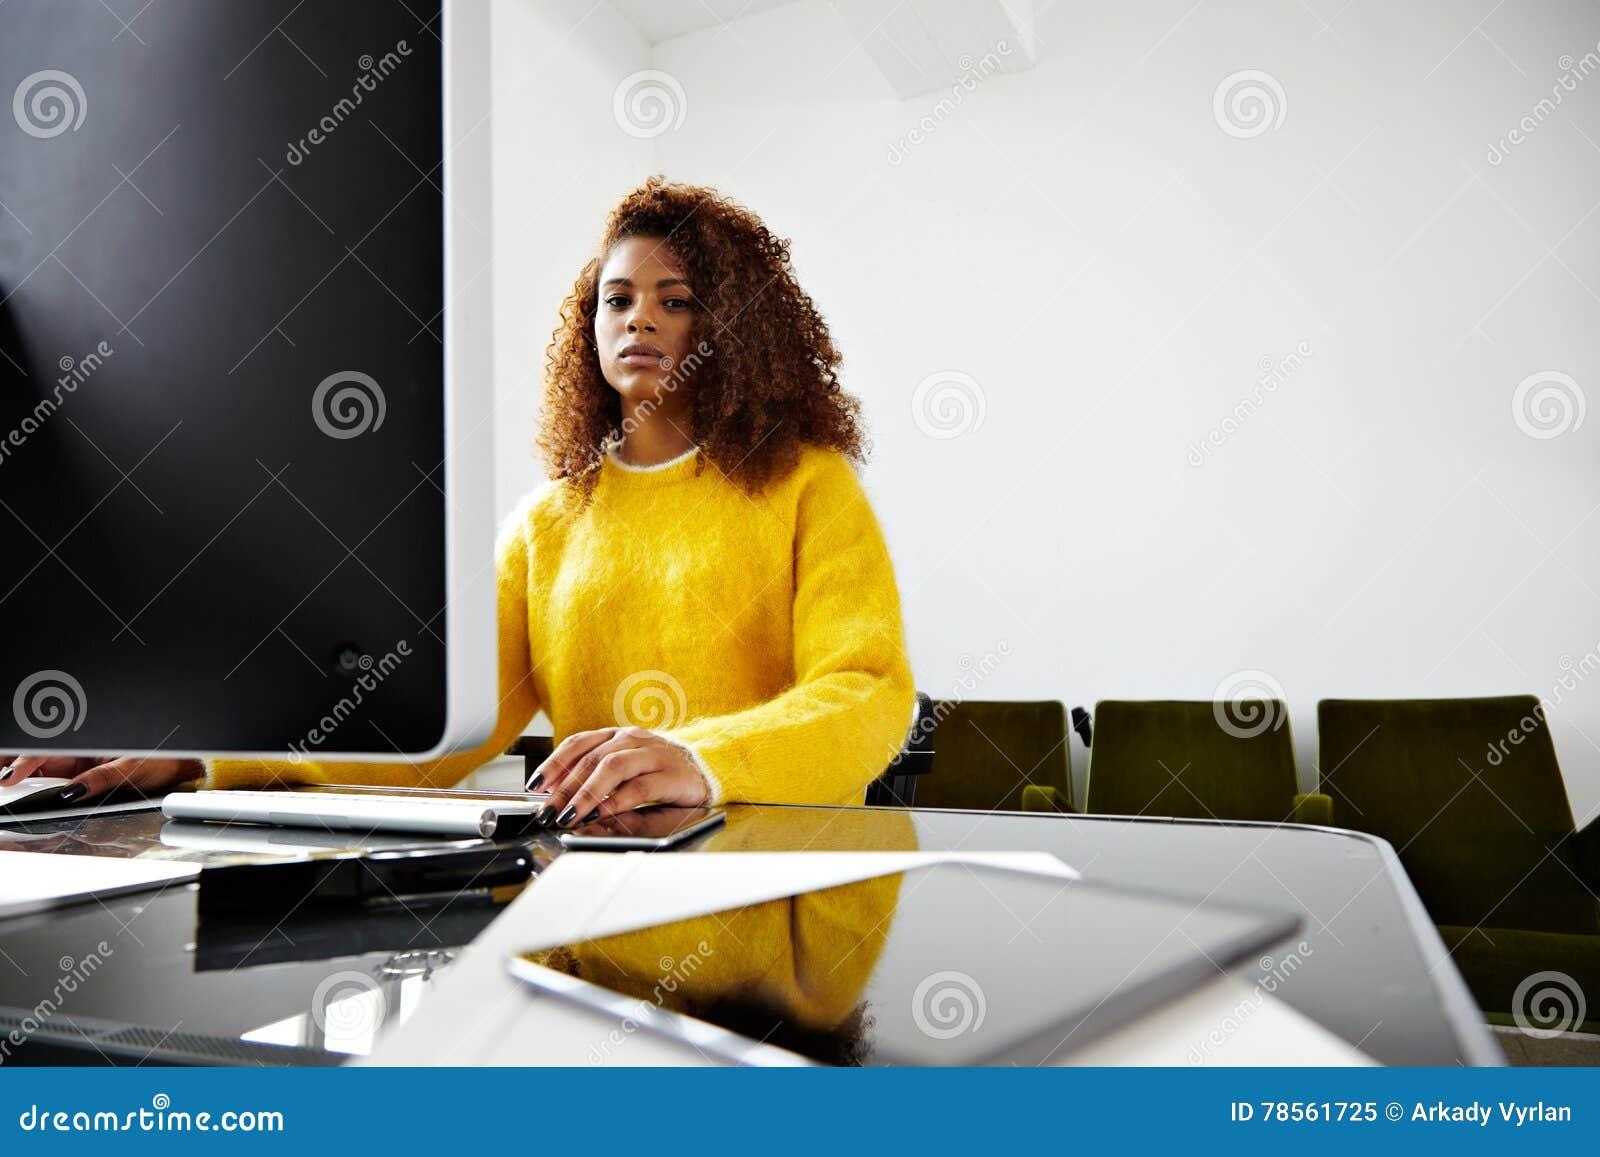 obrazy czarnych dziewcząt xxx wideo Inden